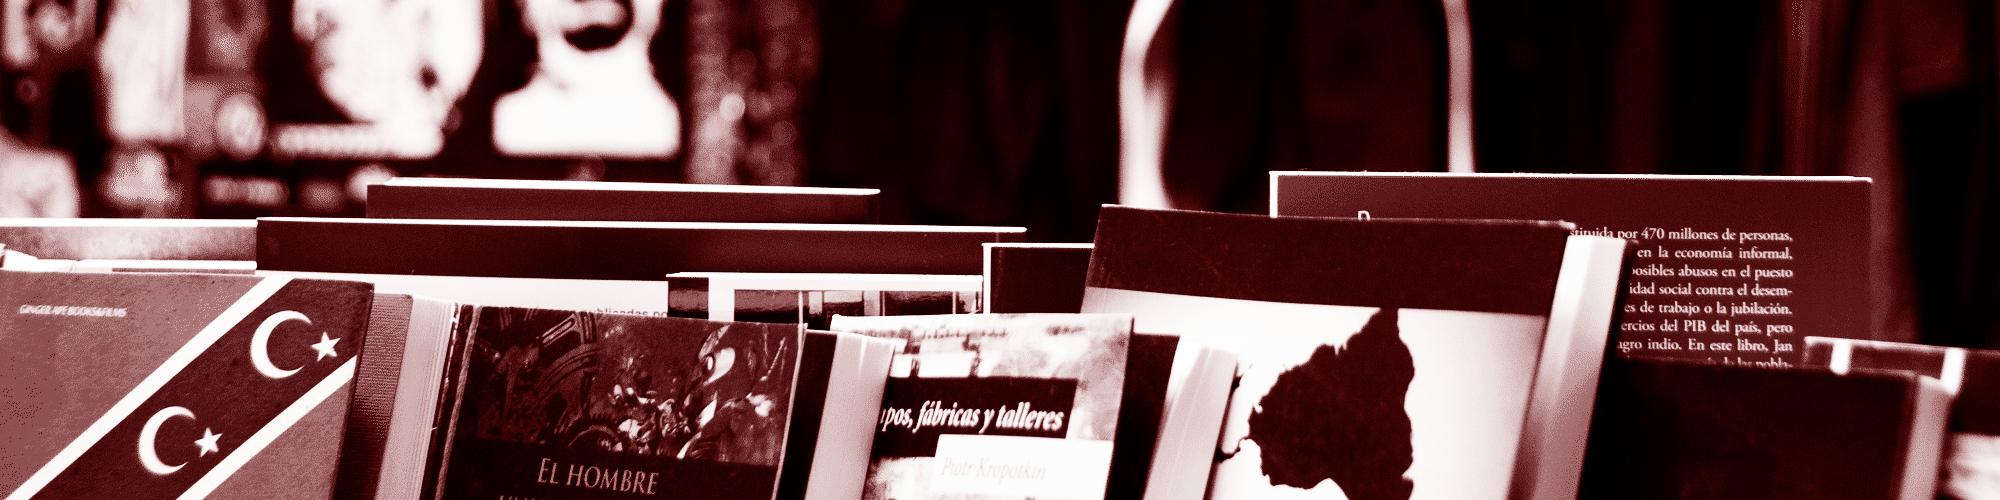 bn_llibre_revistes